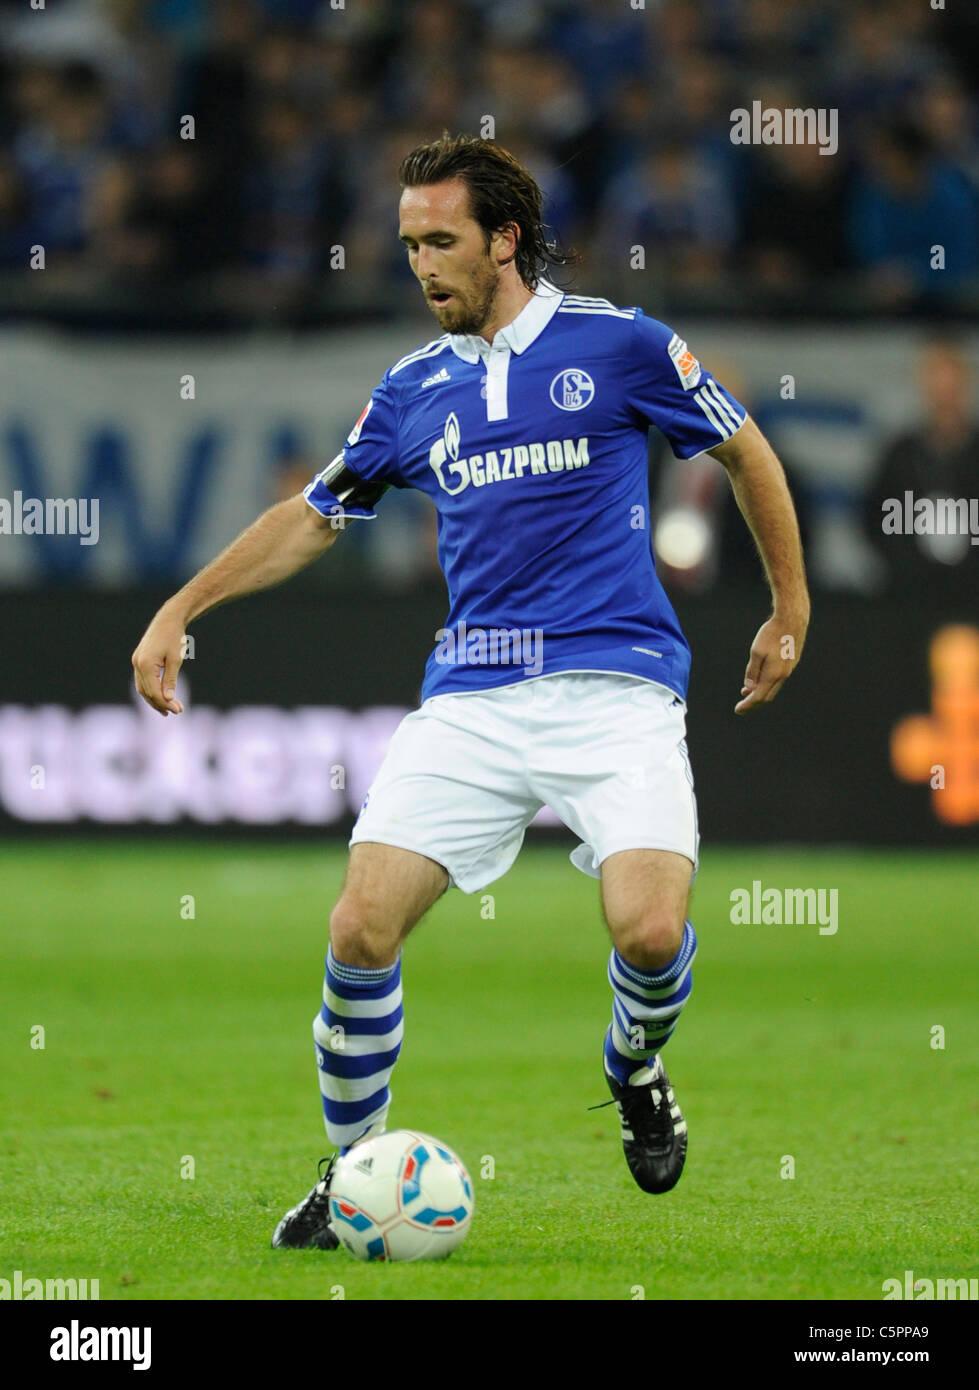 Christian Fuchs (S04), Schalke 04 - Stock Image